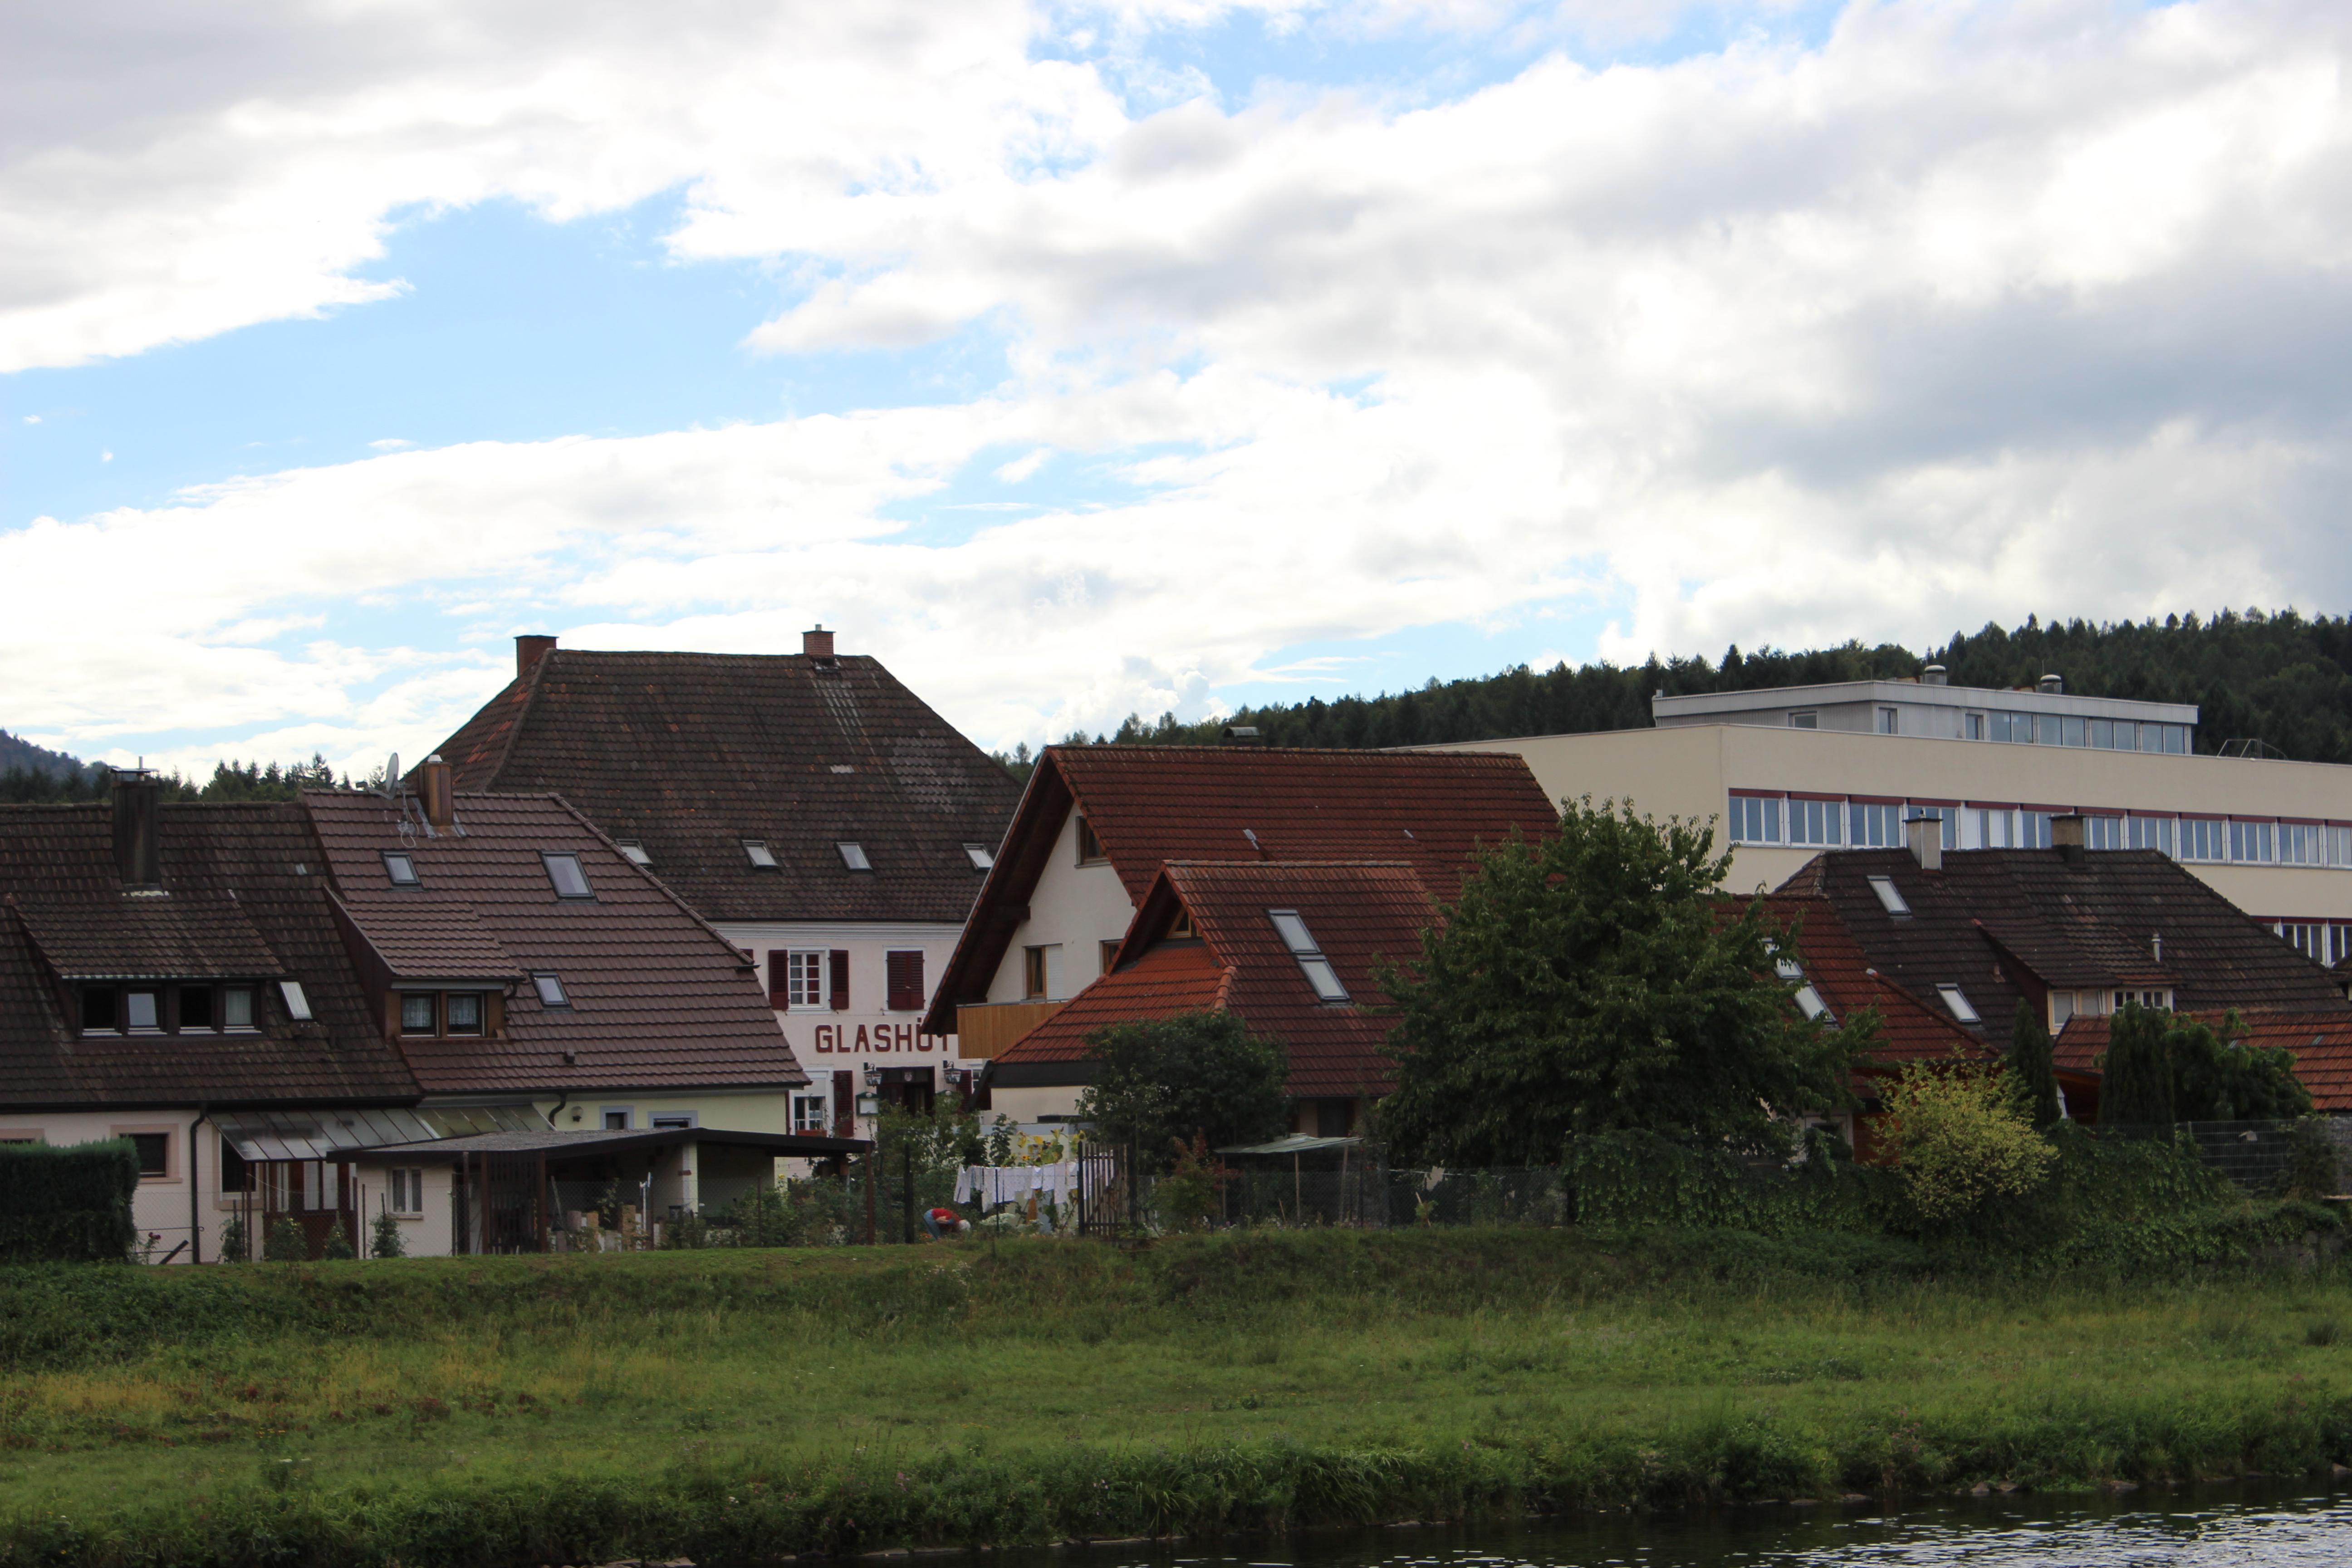 Glashütte Gaggenau